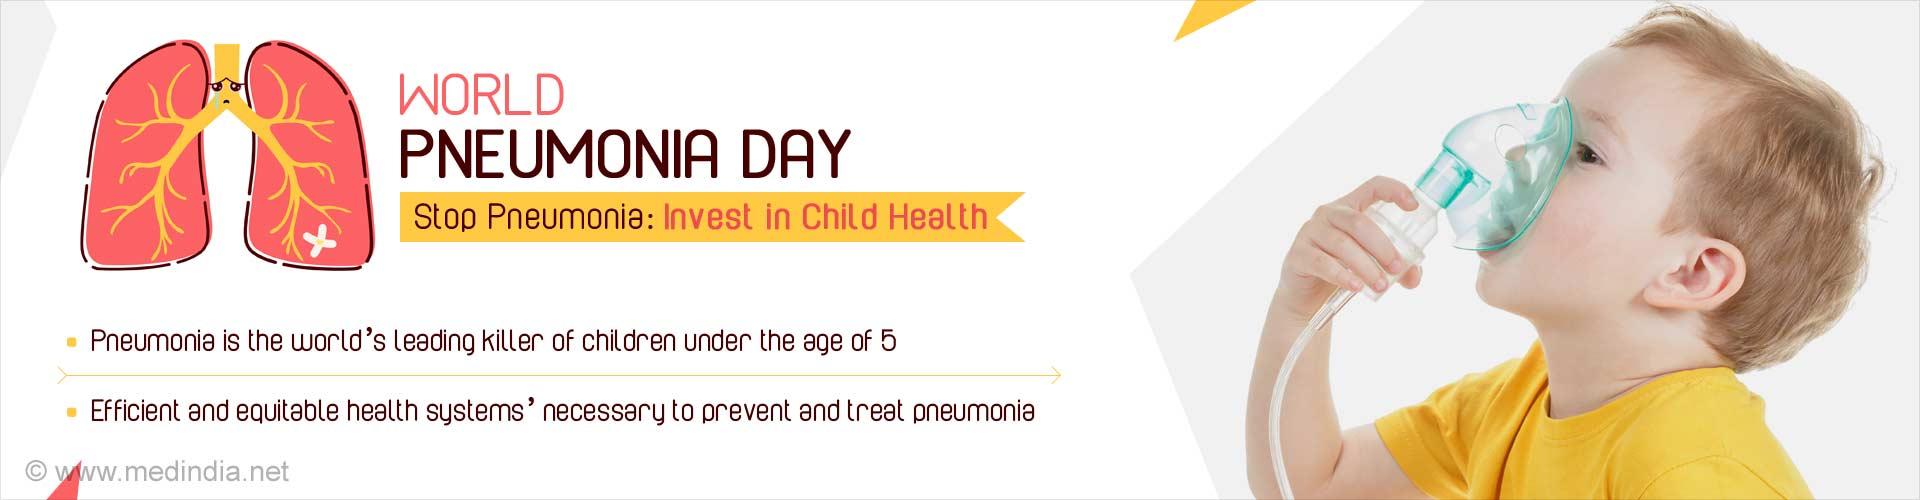 World Pneumonia Day - Stop Pneumonia: Invest in Child Health